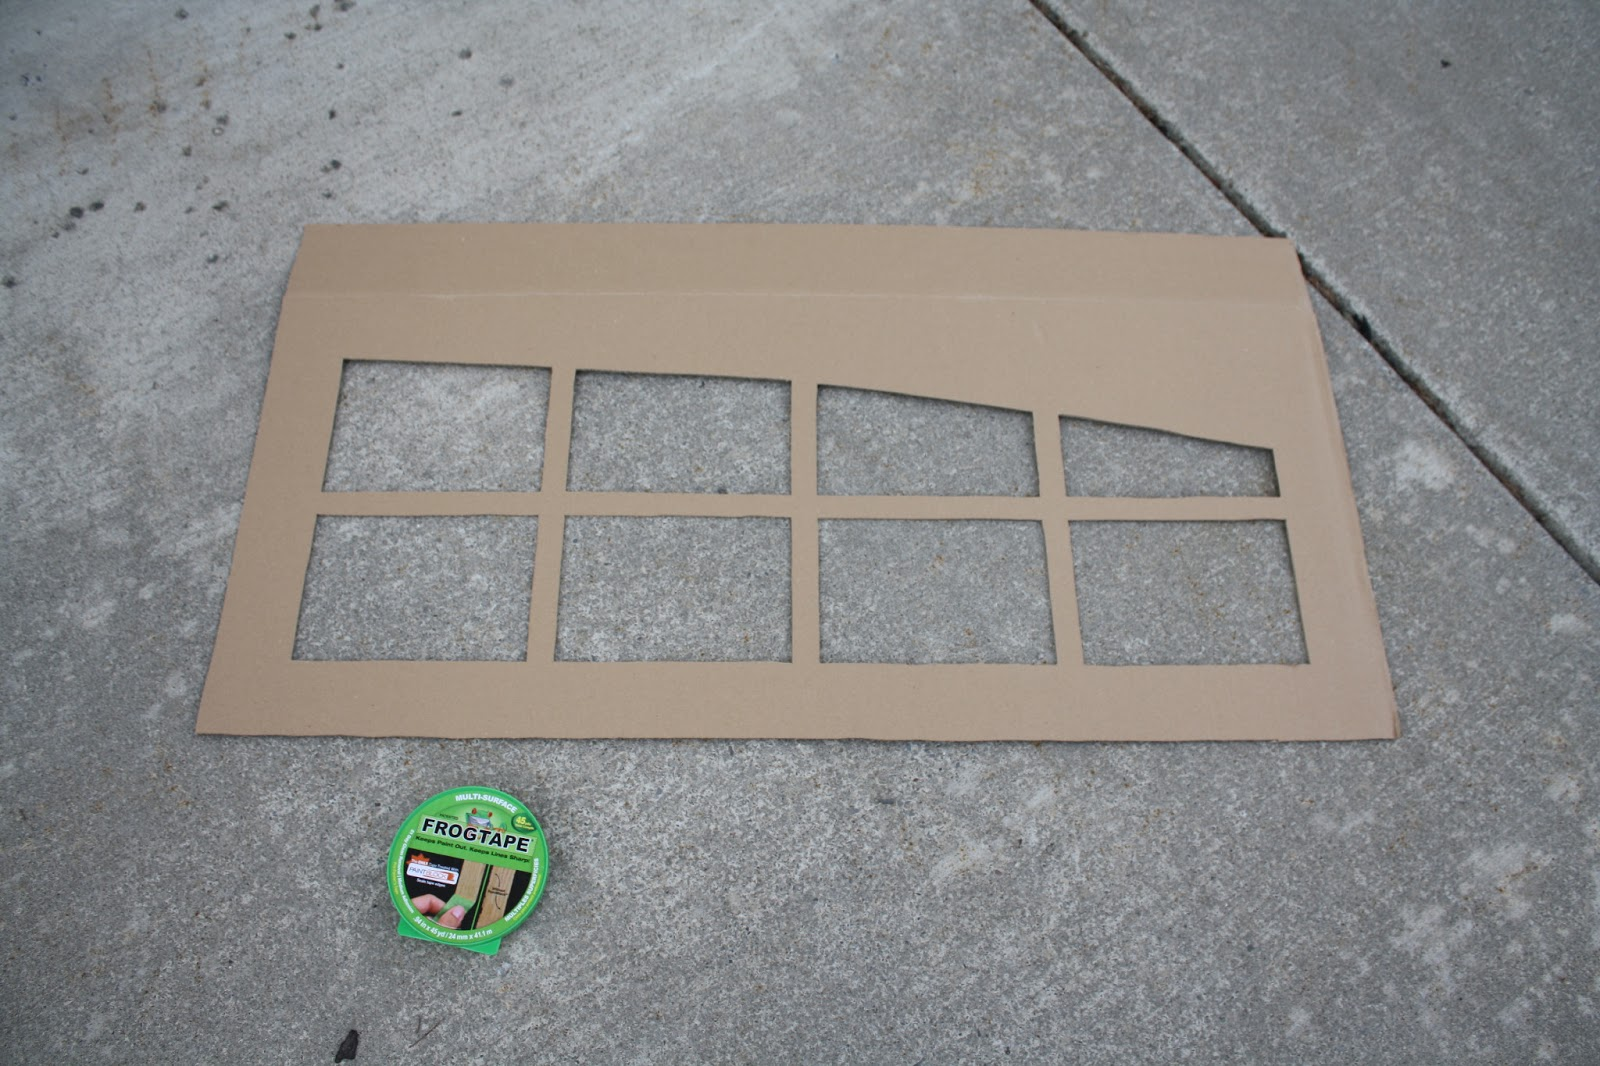 repaint the garage door. (If you need to...my garage door needed ...